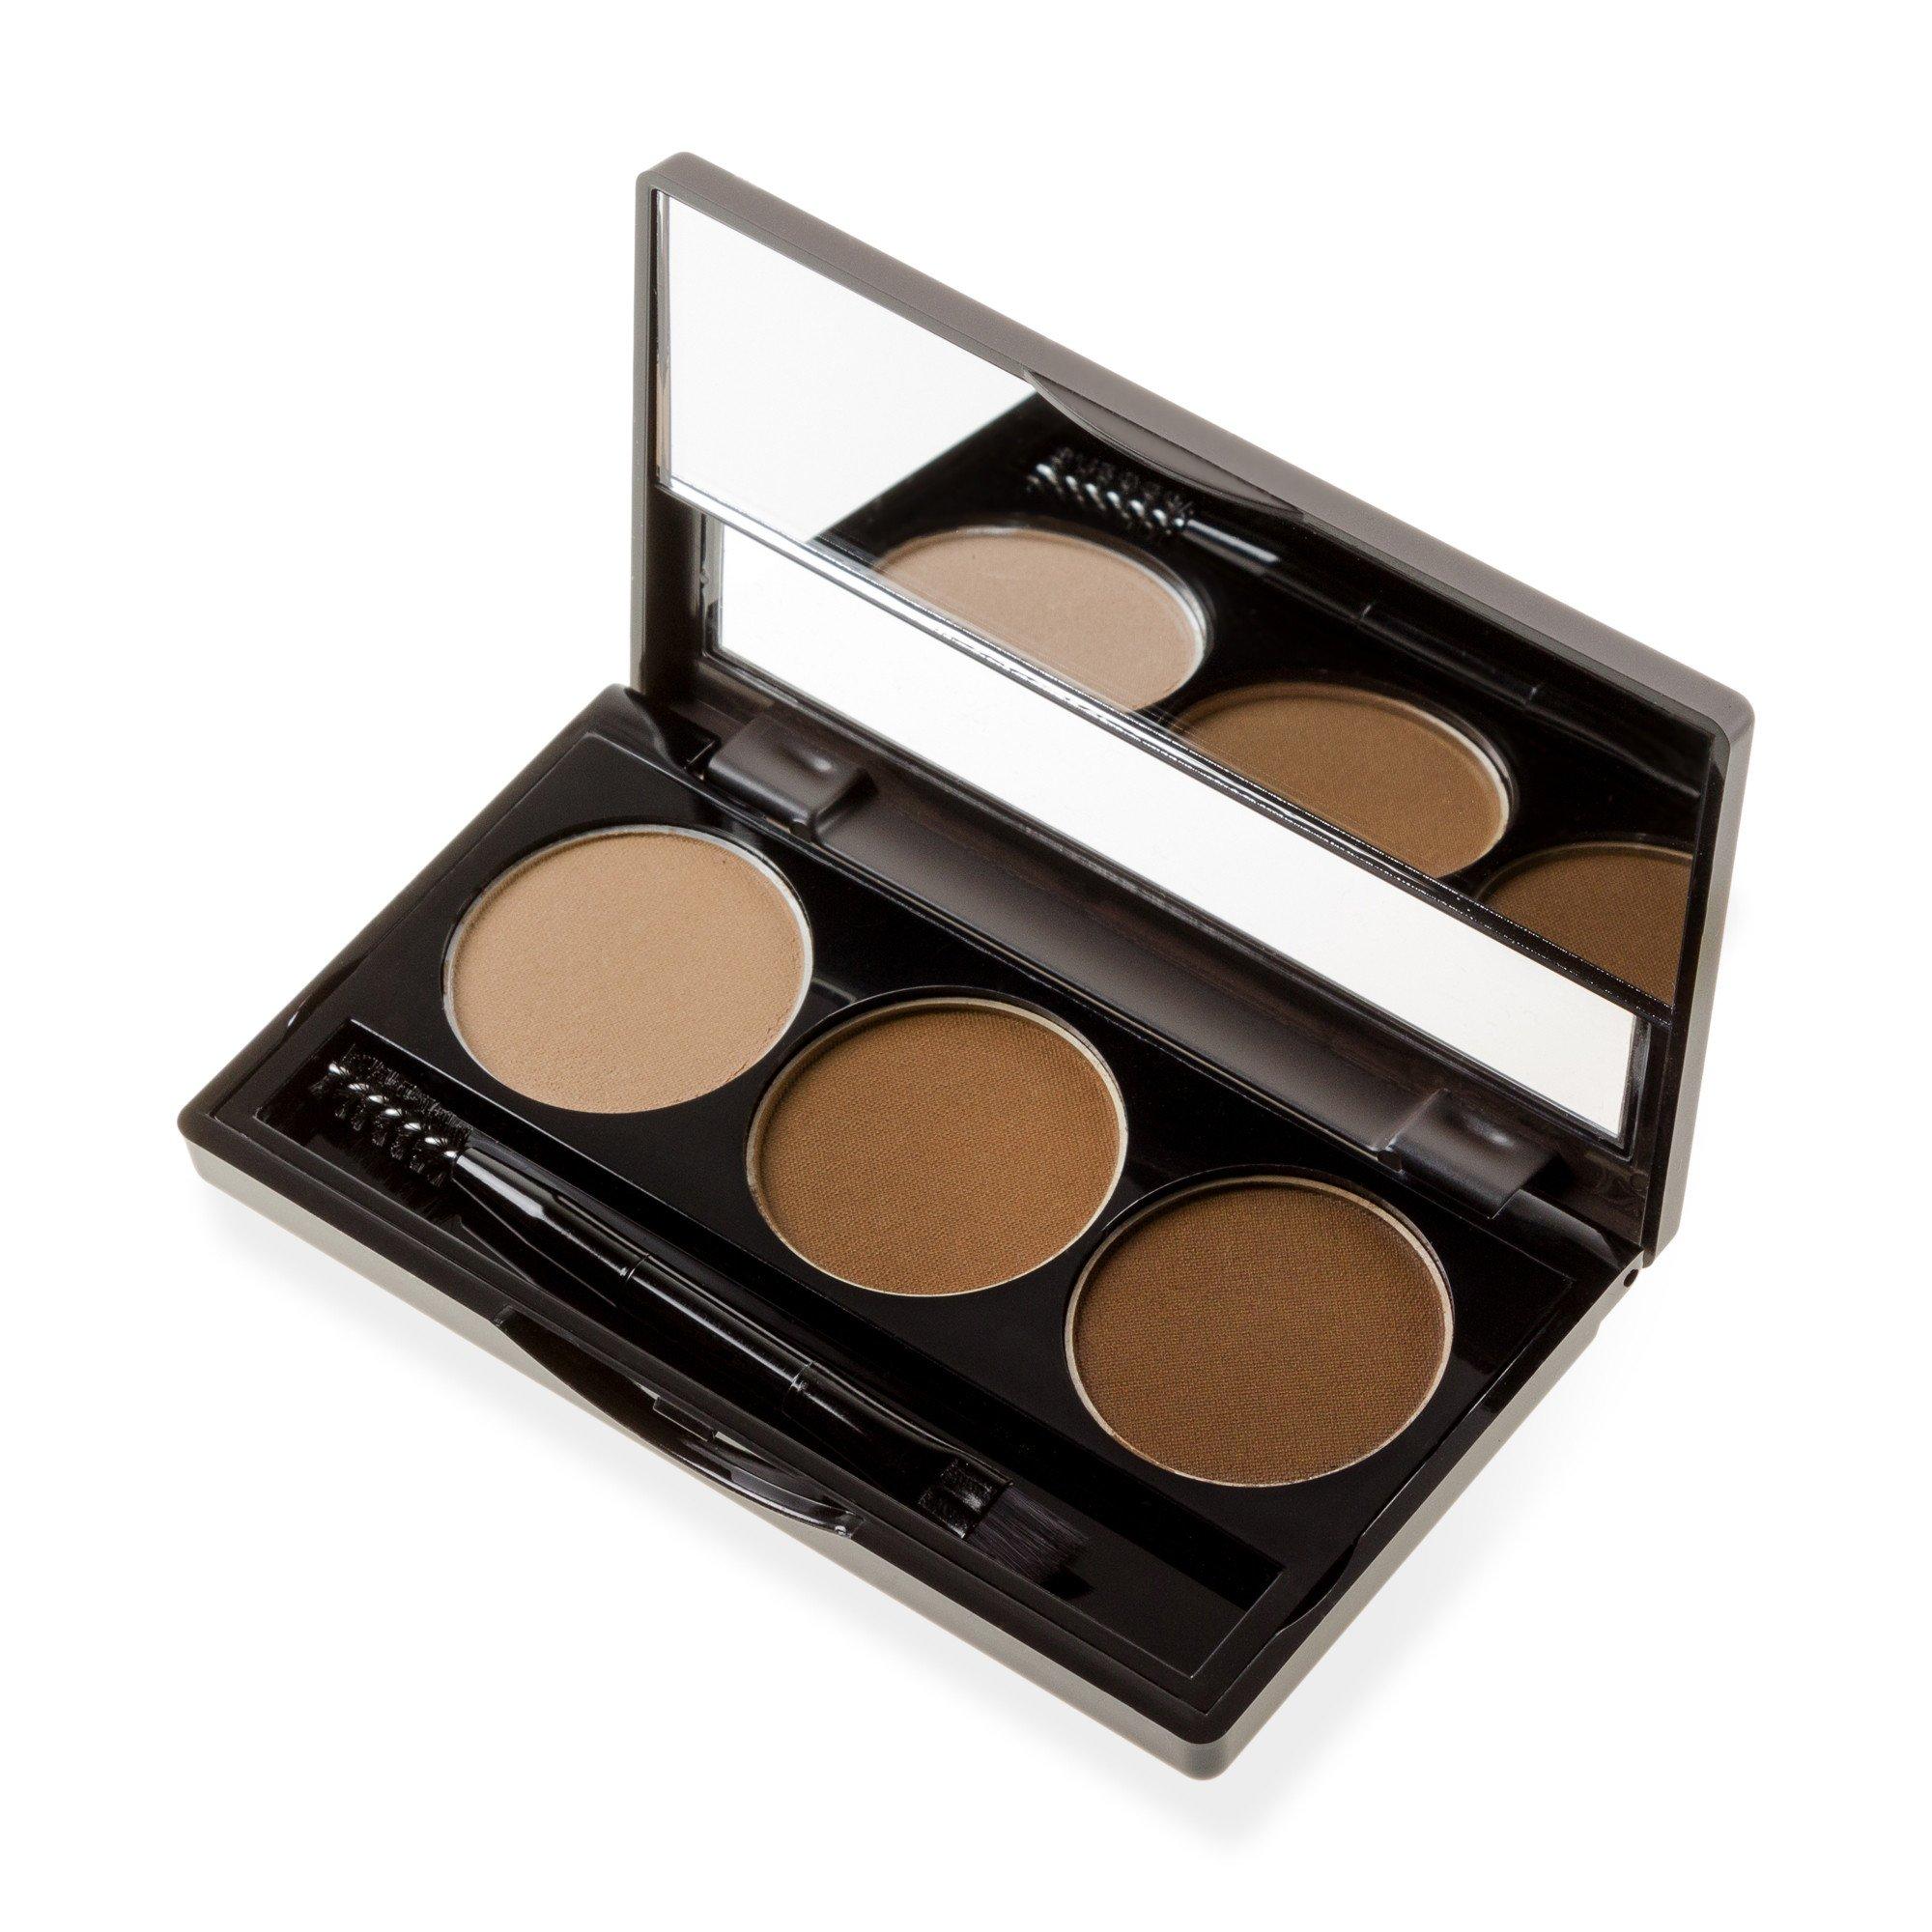 Beau Kiss Eyebrow Powder Shadow Palette 3-Colors Waterproof Makeup ...